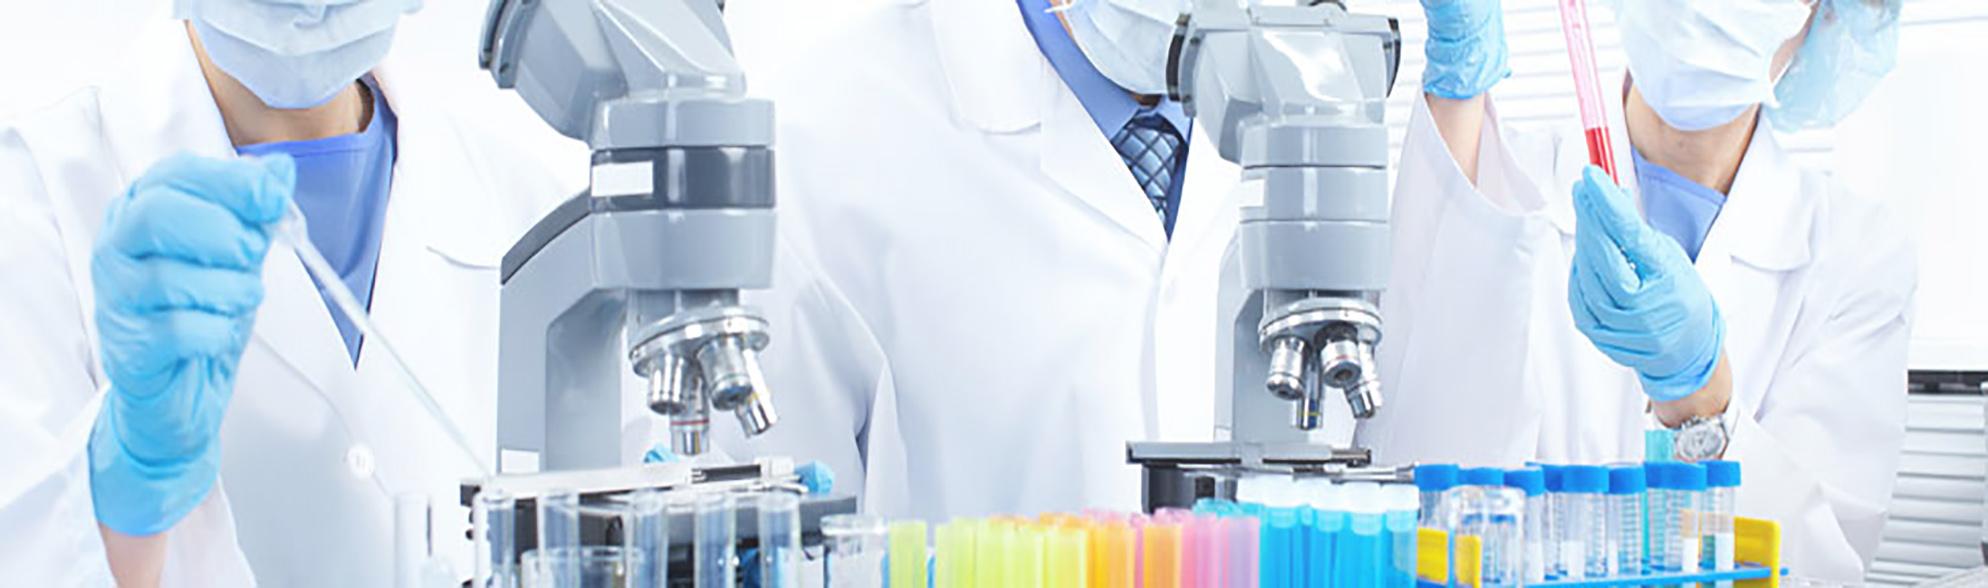 分析儀&實驗室設備